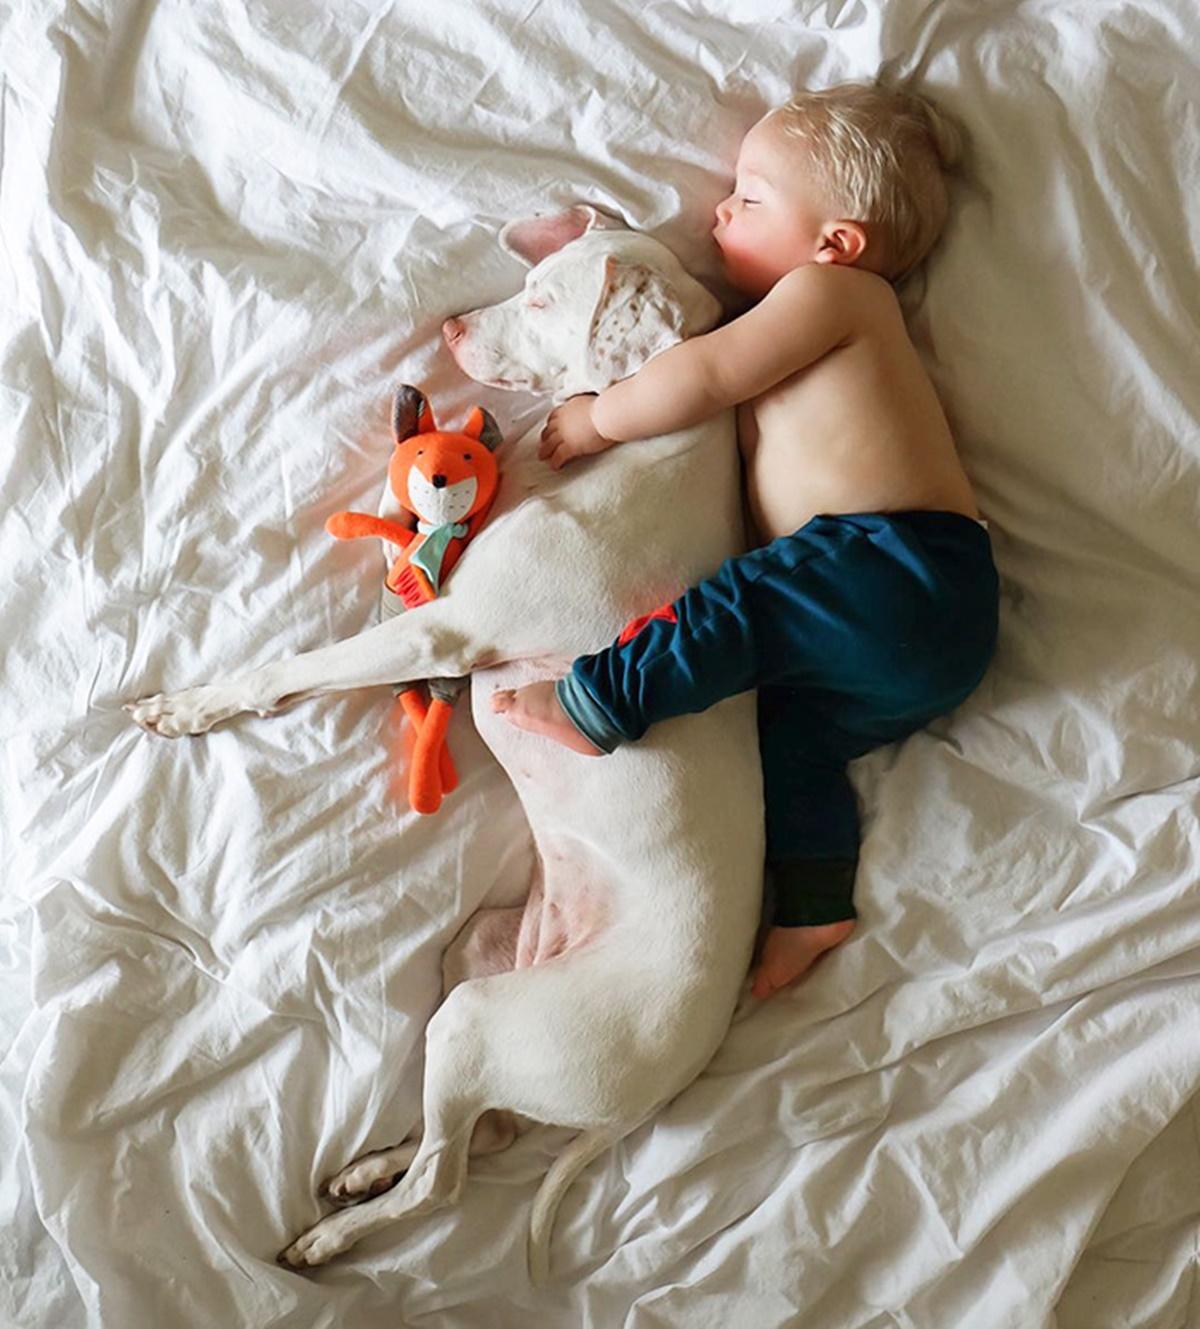 cane bianco e bambino sul letto